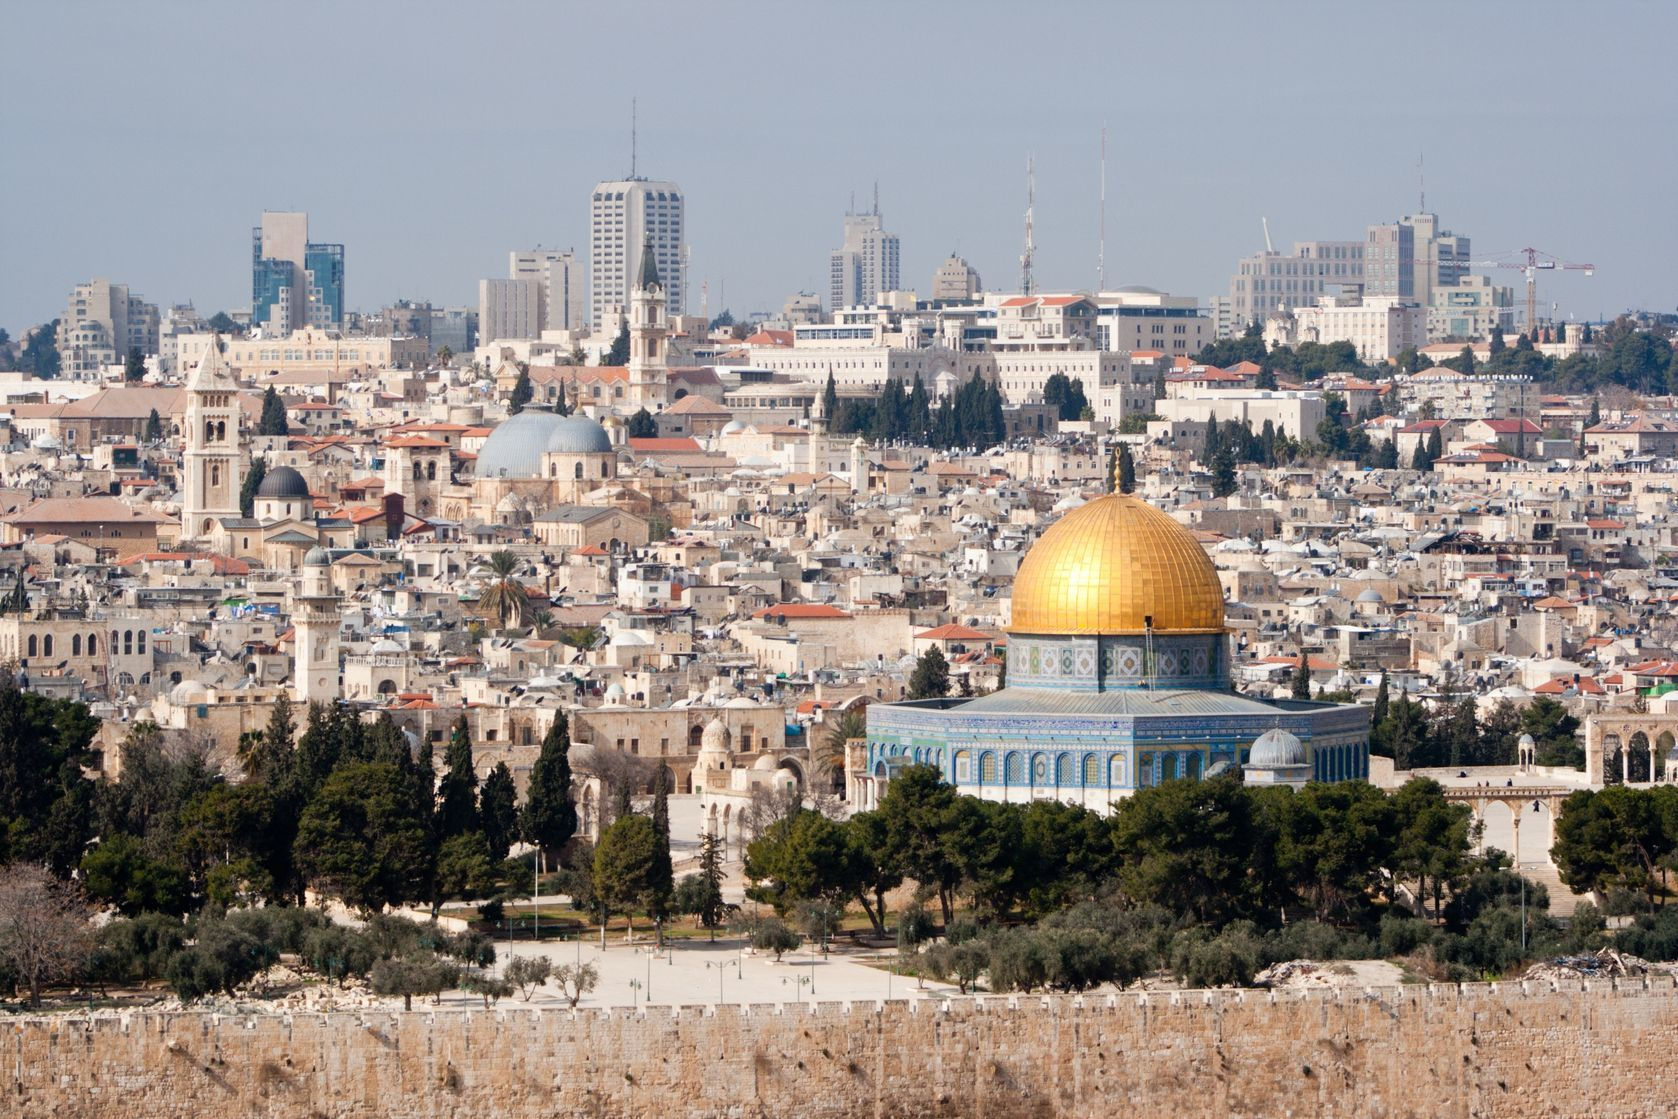 Pohled na Jeruzalém v Izraeli | jvdwolf/123RF.com